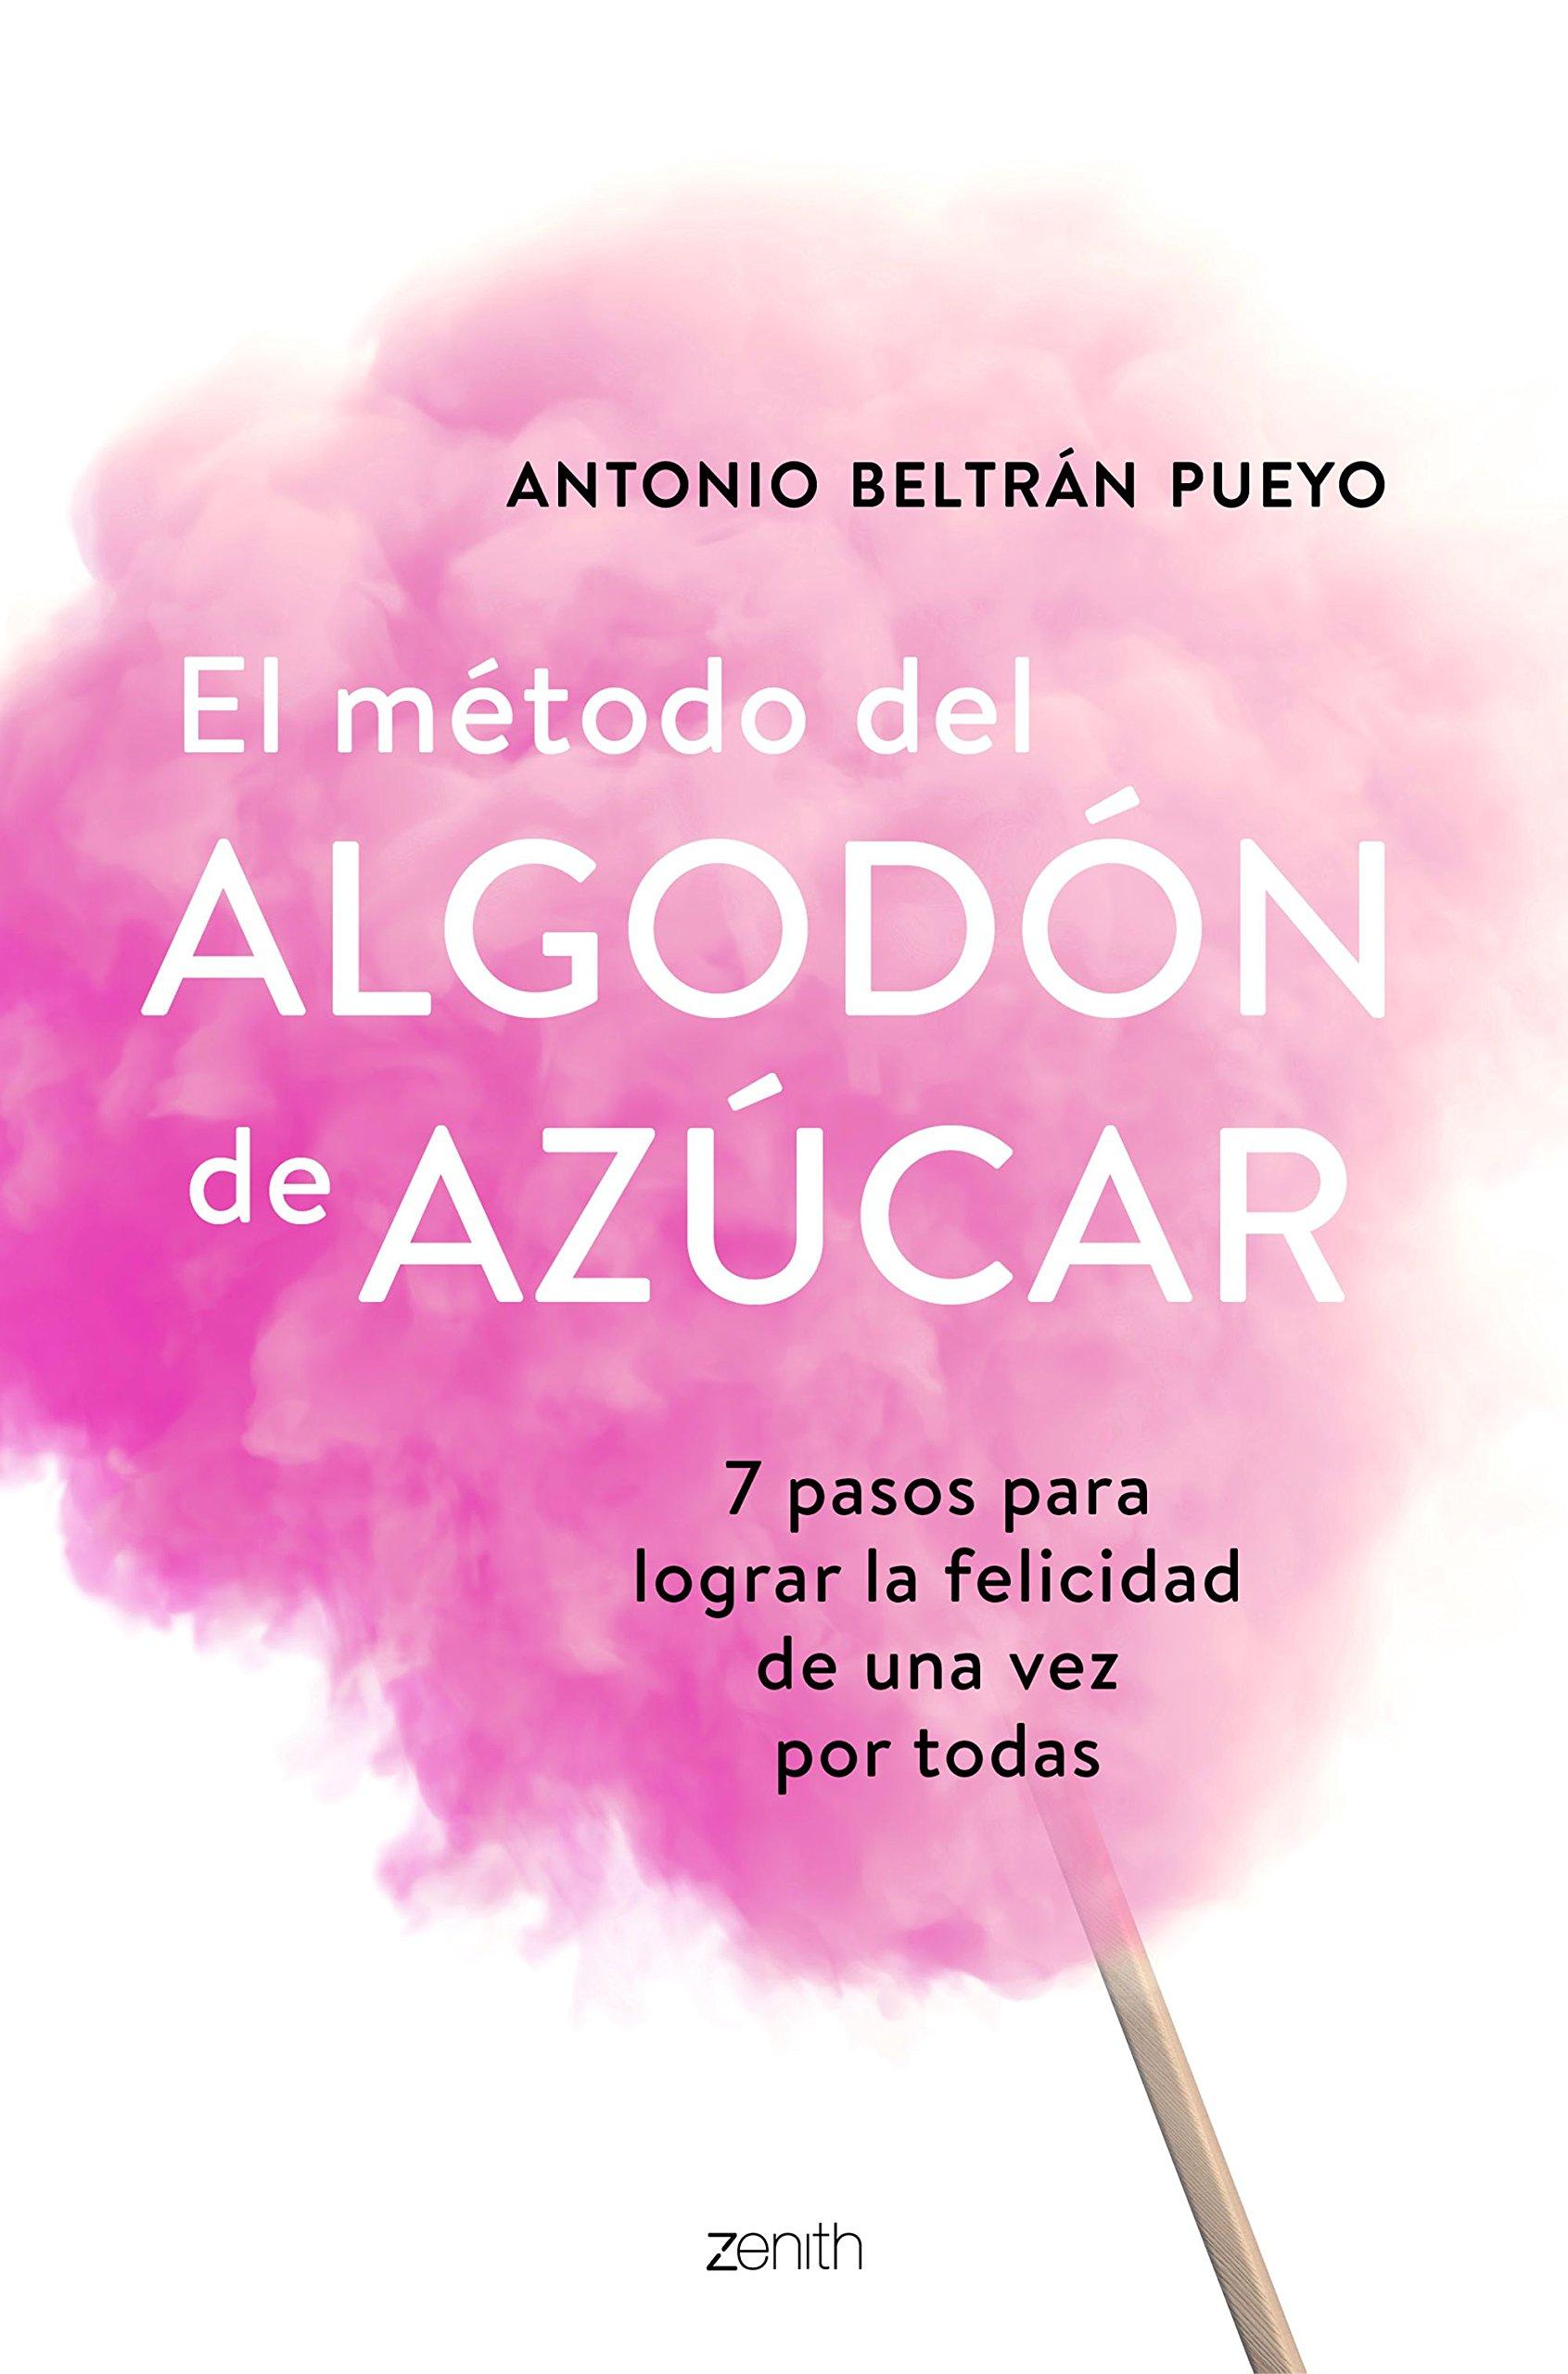 El método del algodón de azúcar: 7 pasos para lograr la felicidad de una vez por todas Autoayuda y superación: Amazon.es: Beltrán Pueyo, Antonio: Libros